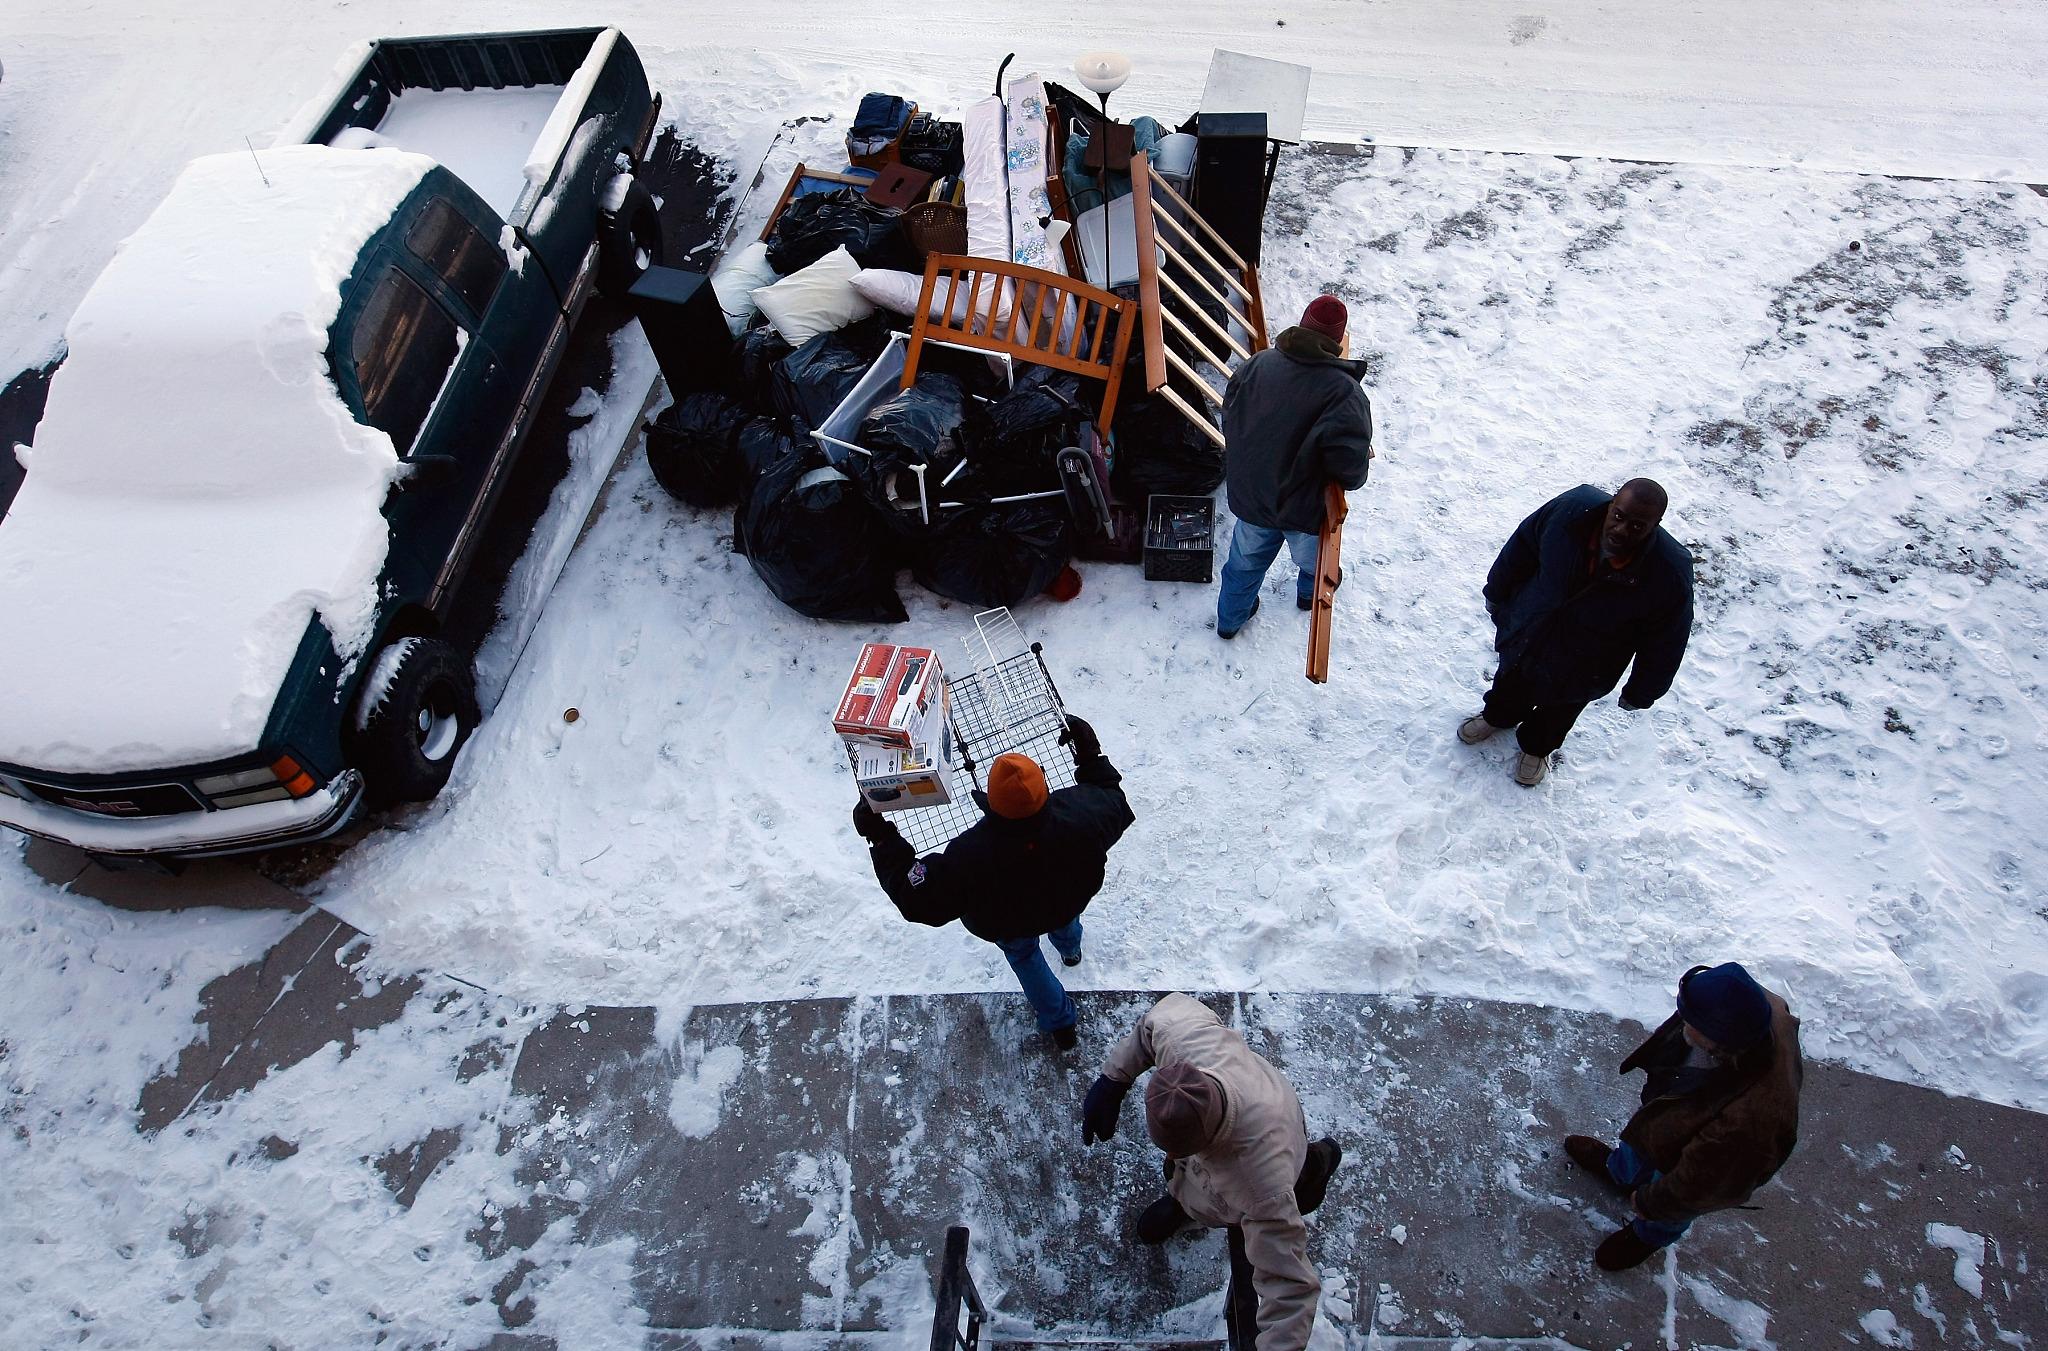 2009年12月9日,科罗拉多的一名失业教师因交不起房租在大雪天被驱逐。(图/VCG)